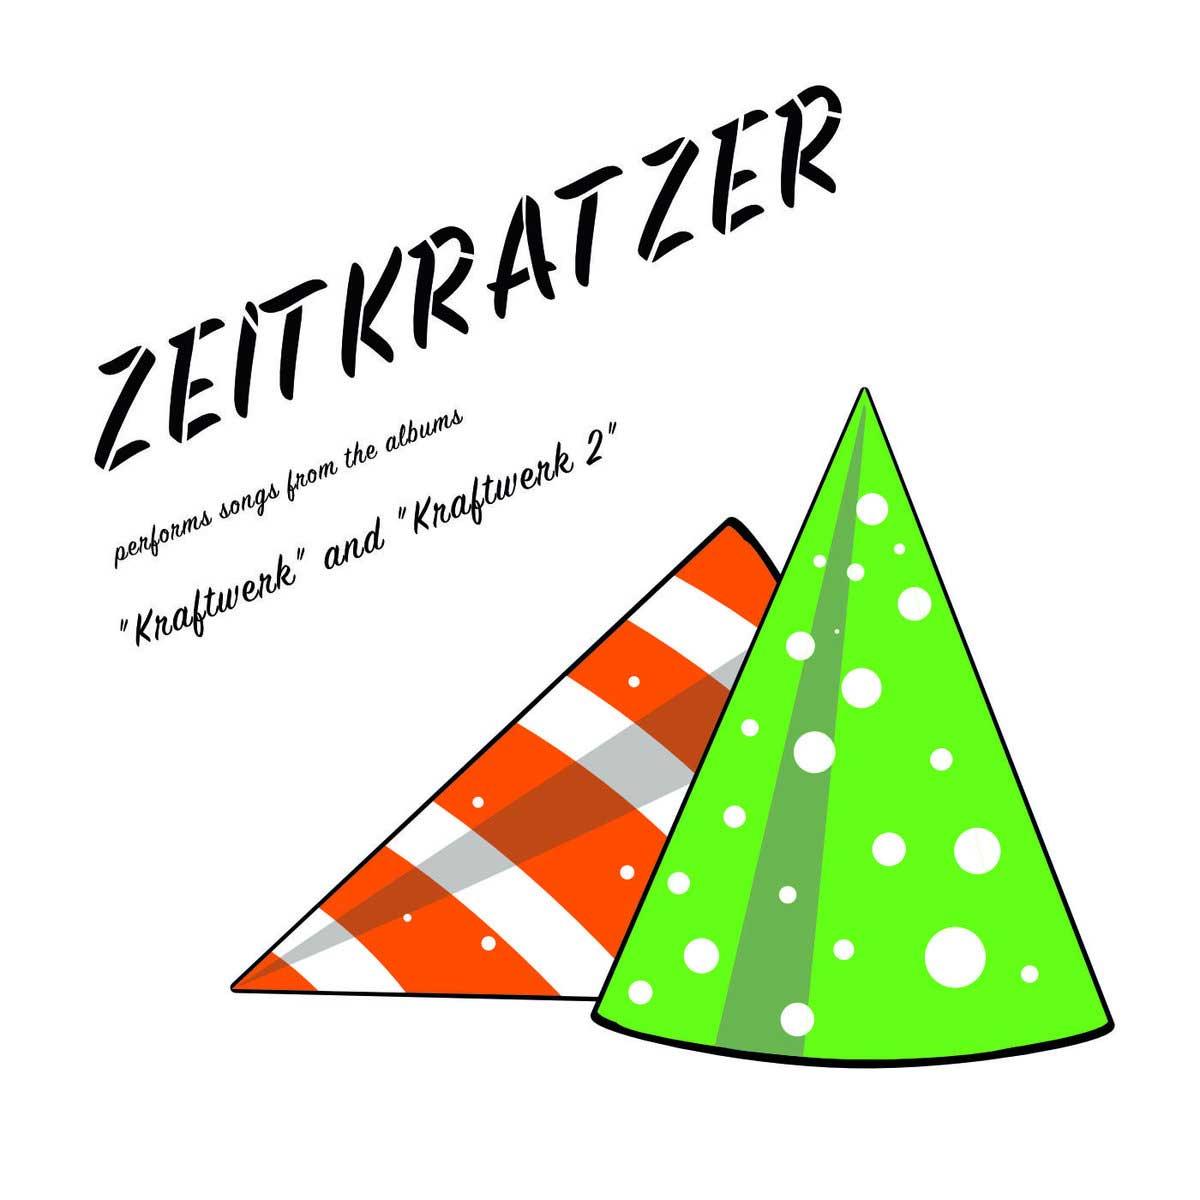 zeitkratzer -